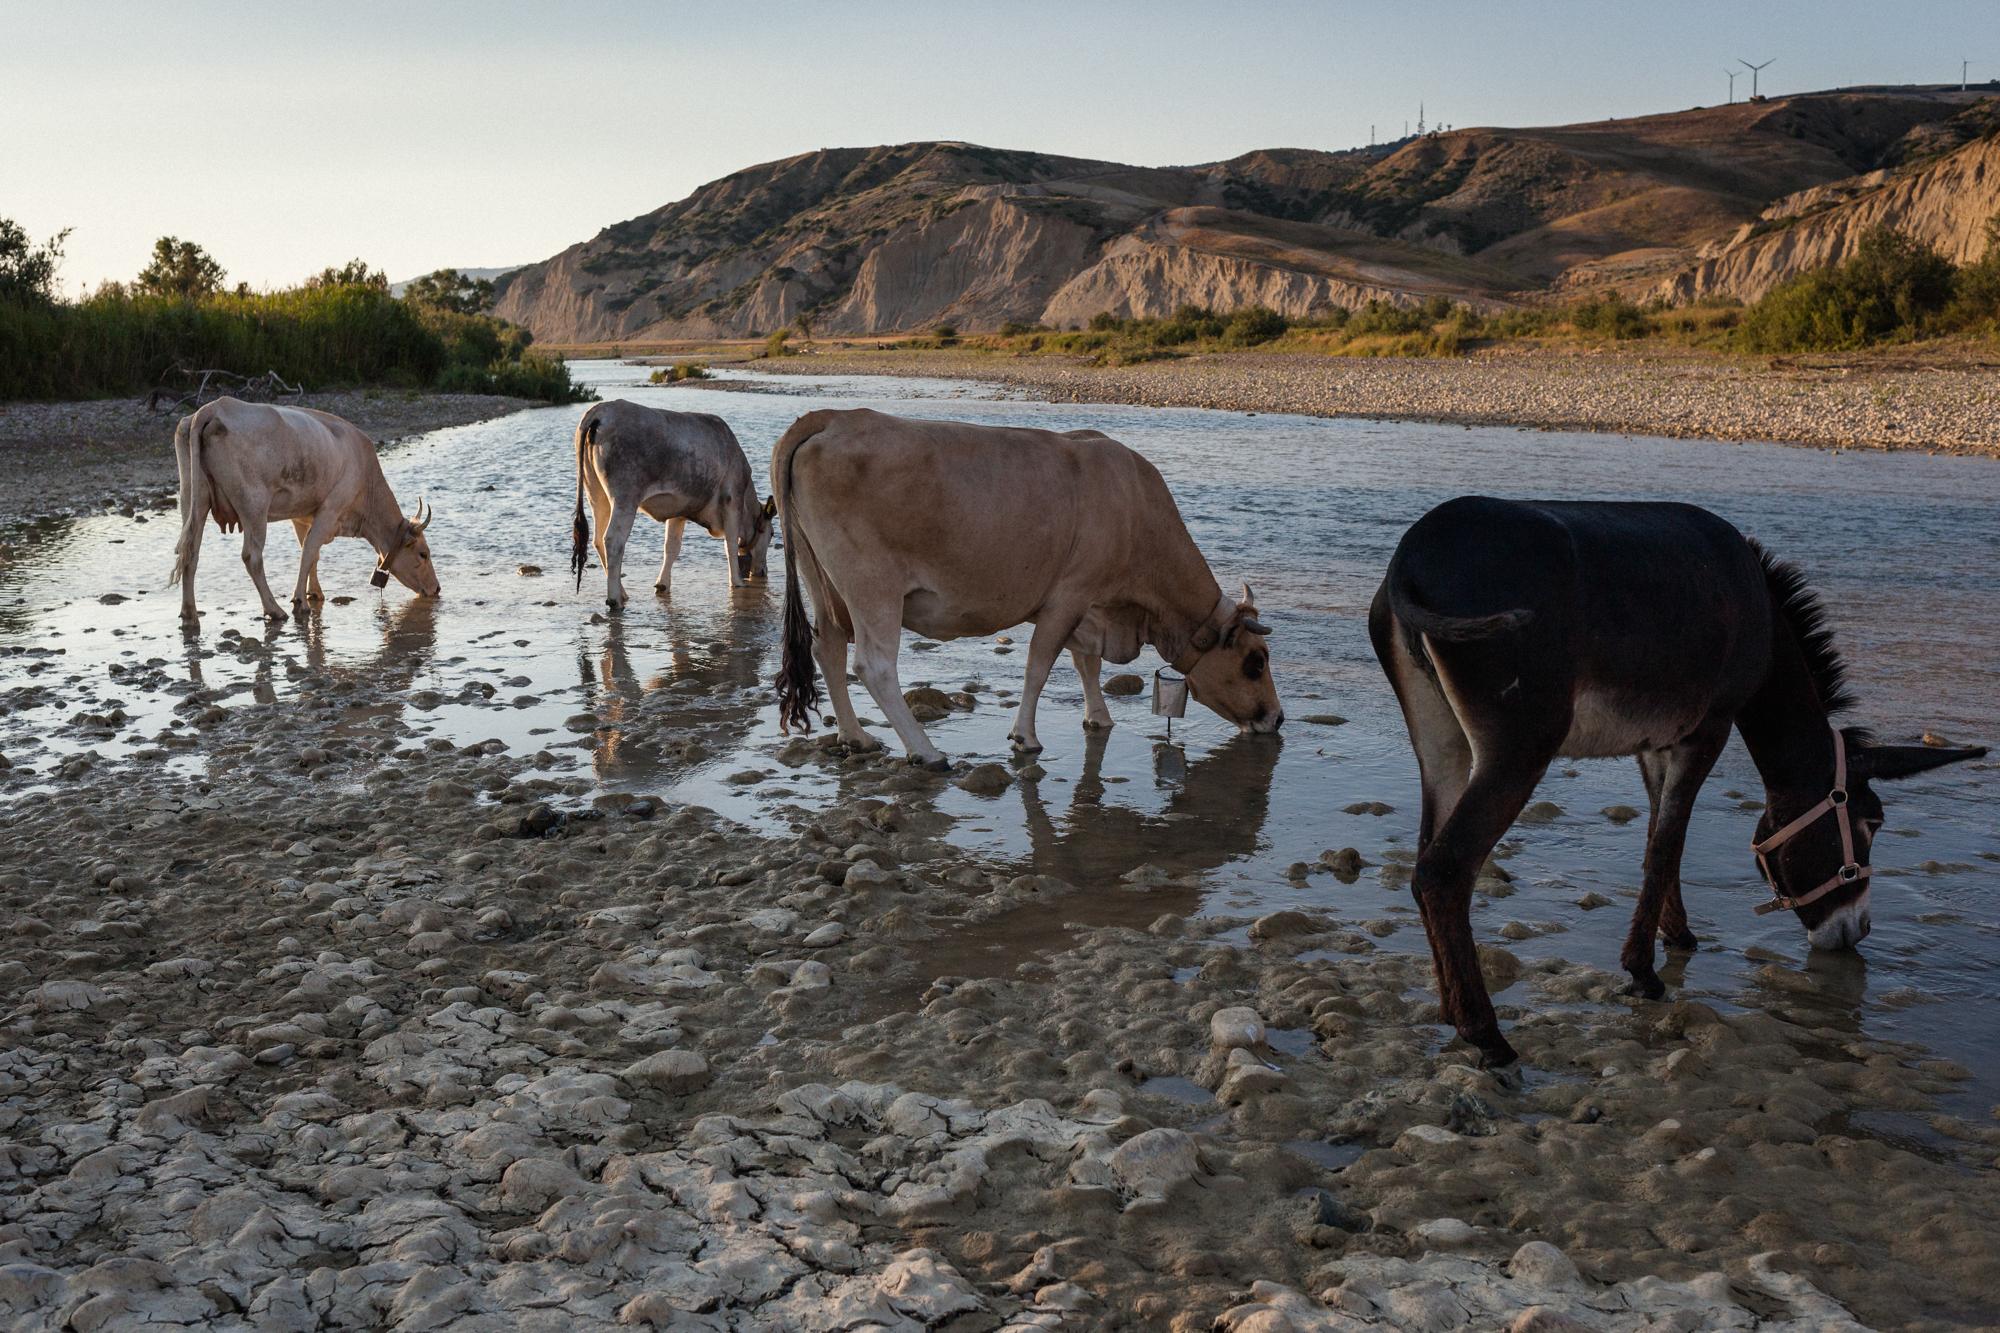 """Mucche podoliche si abbeverano lungo il fiume Basento, in zona Ferrandina (MT), 2015. Nel 2013, i sindaci di Pisticci e Ferrandina, sollecitati dall'Asm (Dipartimento prevenzione collettiva della salute umana), hanno emesso con ordinanza che vieta """"l'attingimento delle acque sotterranee e di falda e l'utilizzo delle stesse, per qualunque scopo, da parte d'insediamenti umani, produttivi e zootecnici presenti lungo la valle del Basento o in altre zone del territorio comunale""""."""